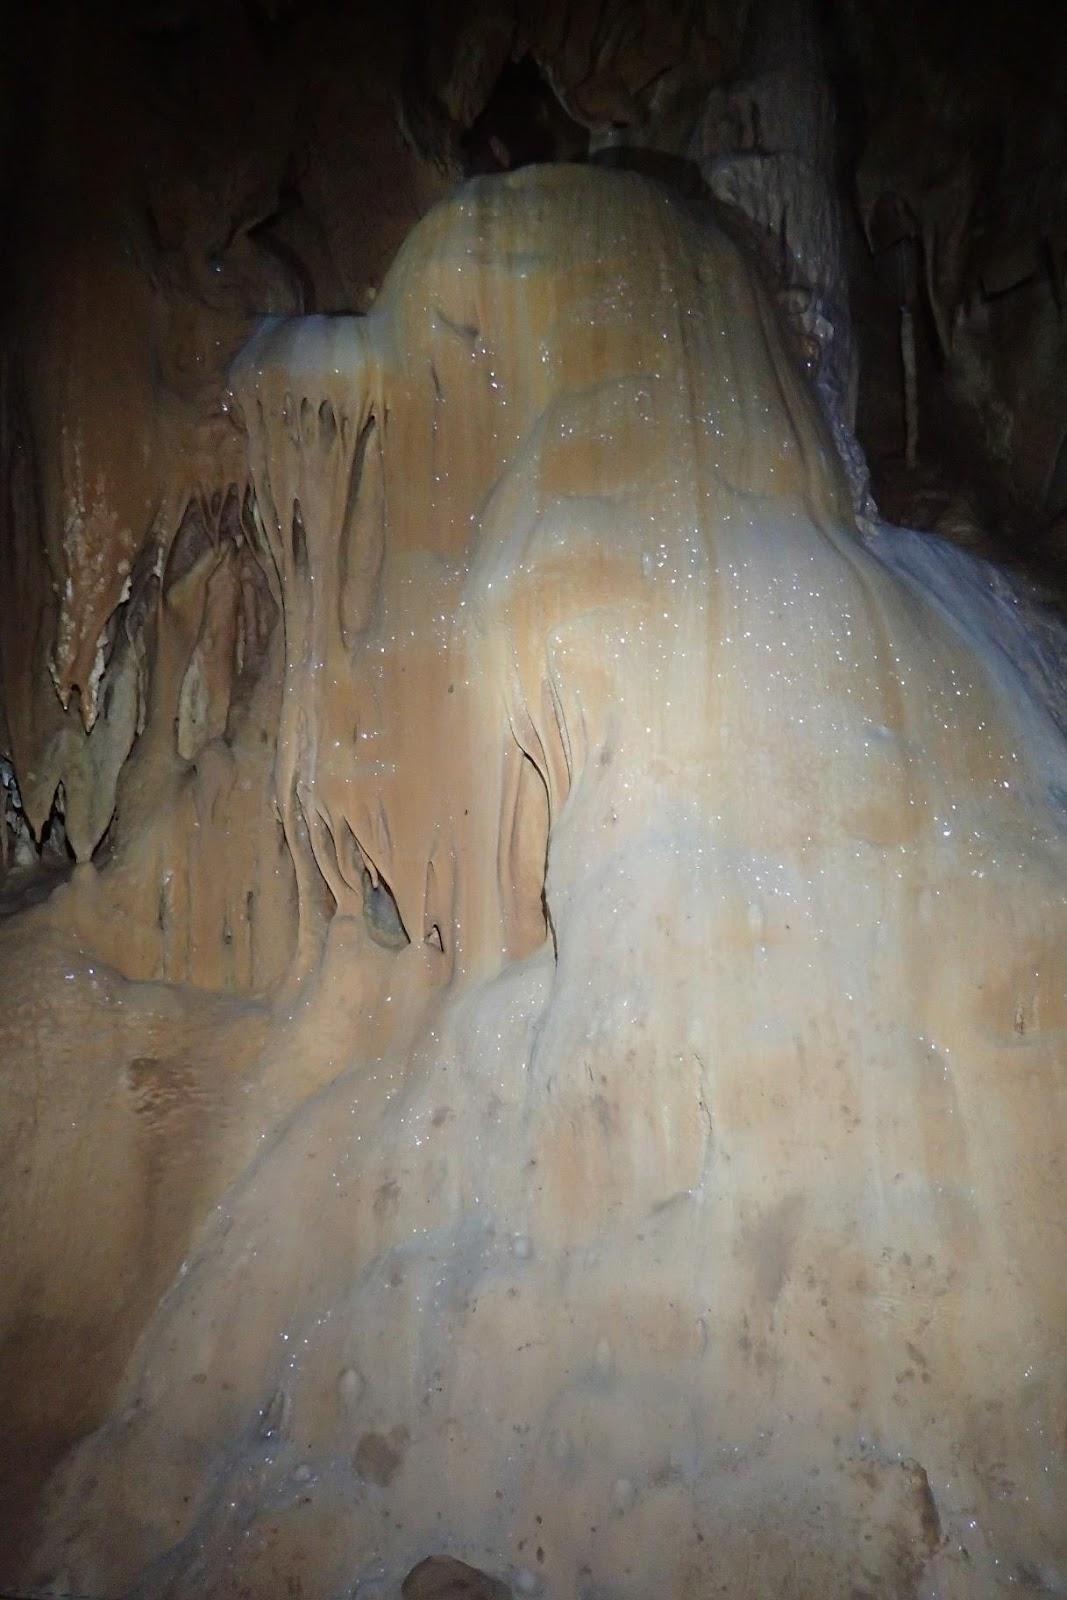 Une image contenant caverne, nature, sale  Description générée automatiquement